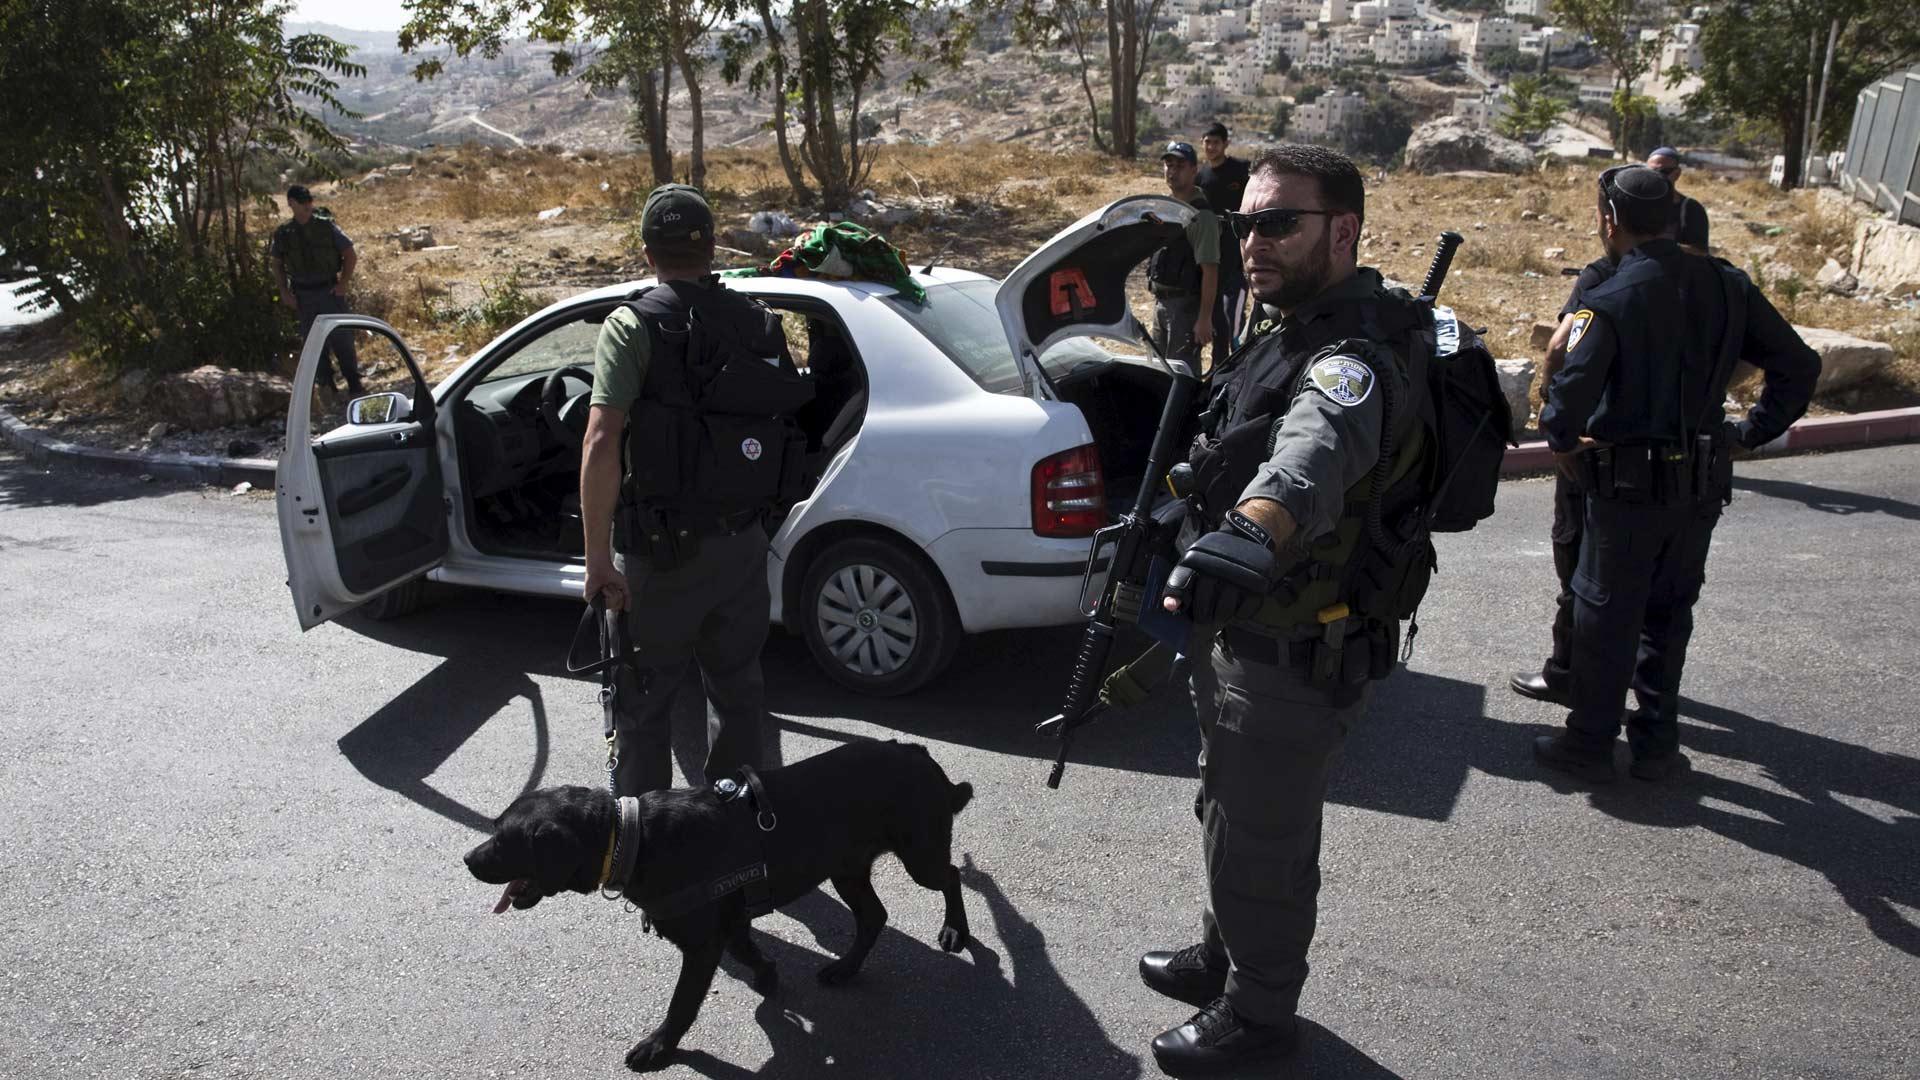 Para frenar los ataques, cerrarán entradas a urbanizaciones palestinas y judías